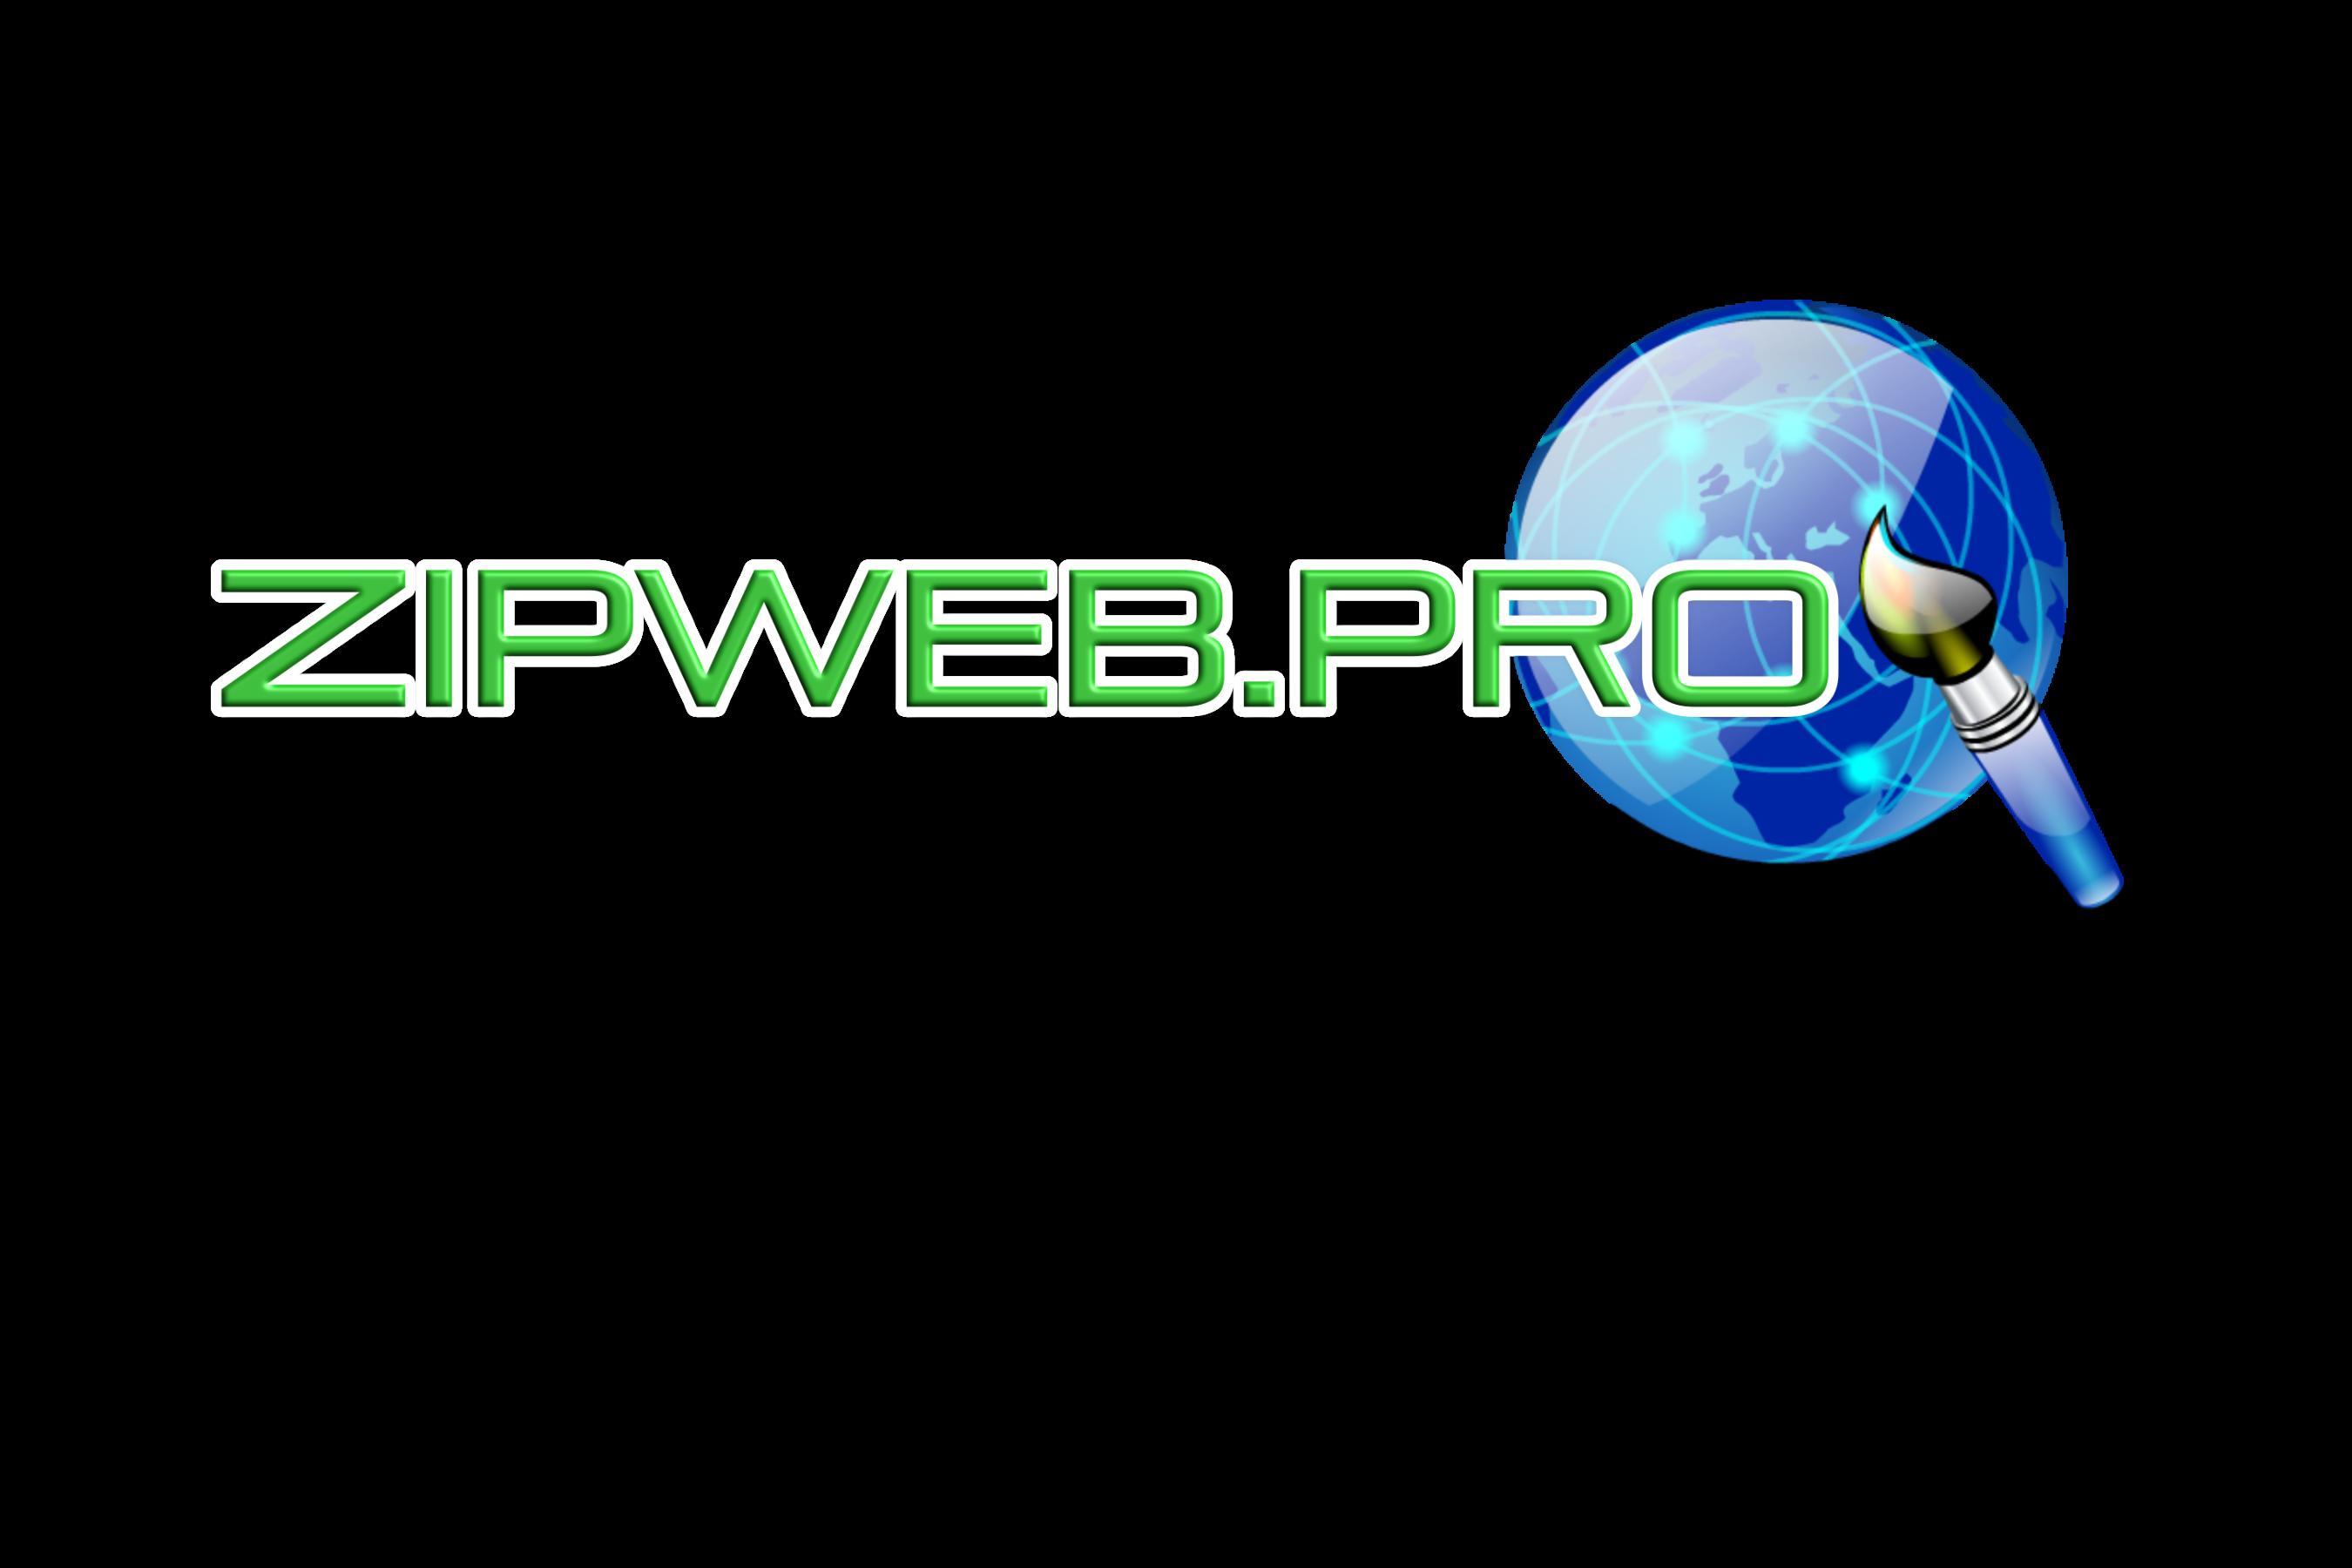 ZipWeb.Pro